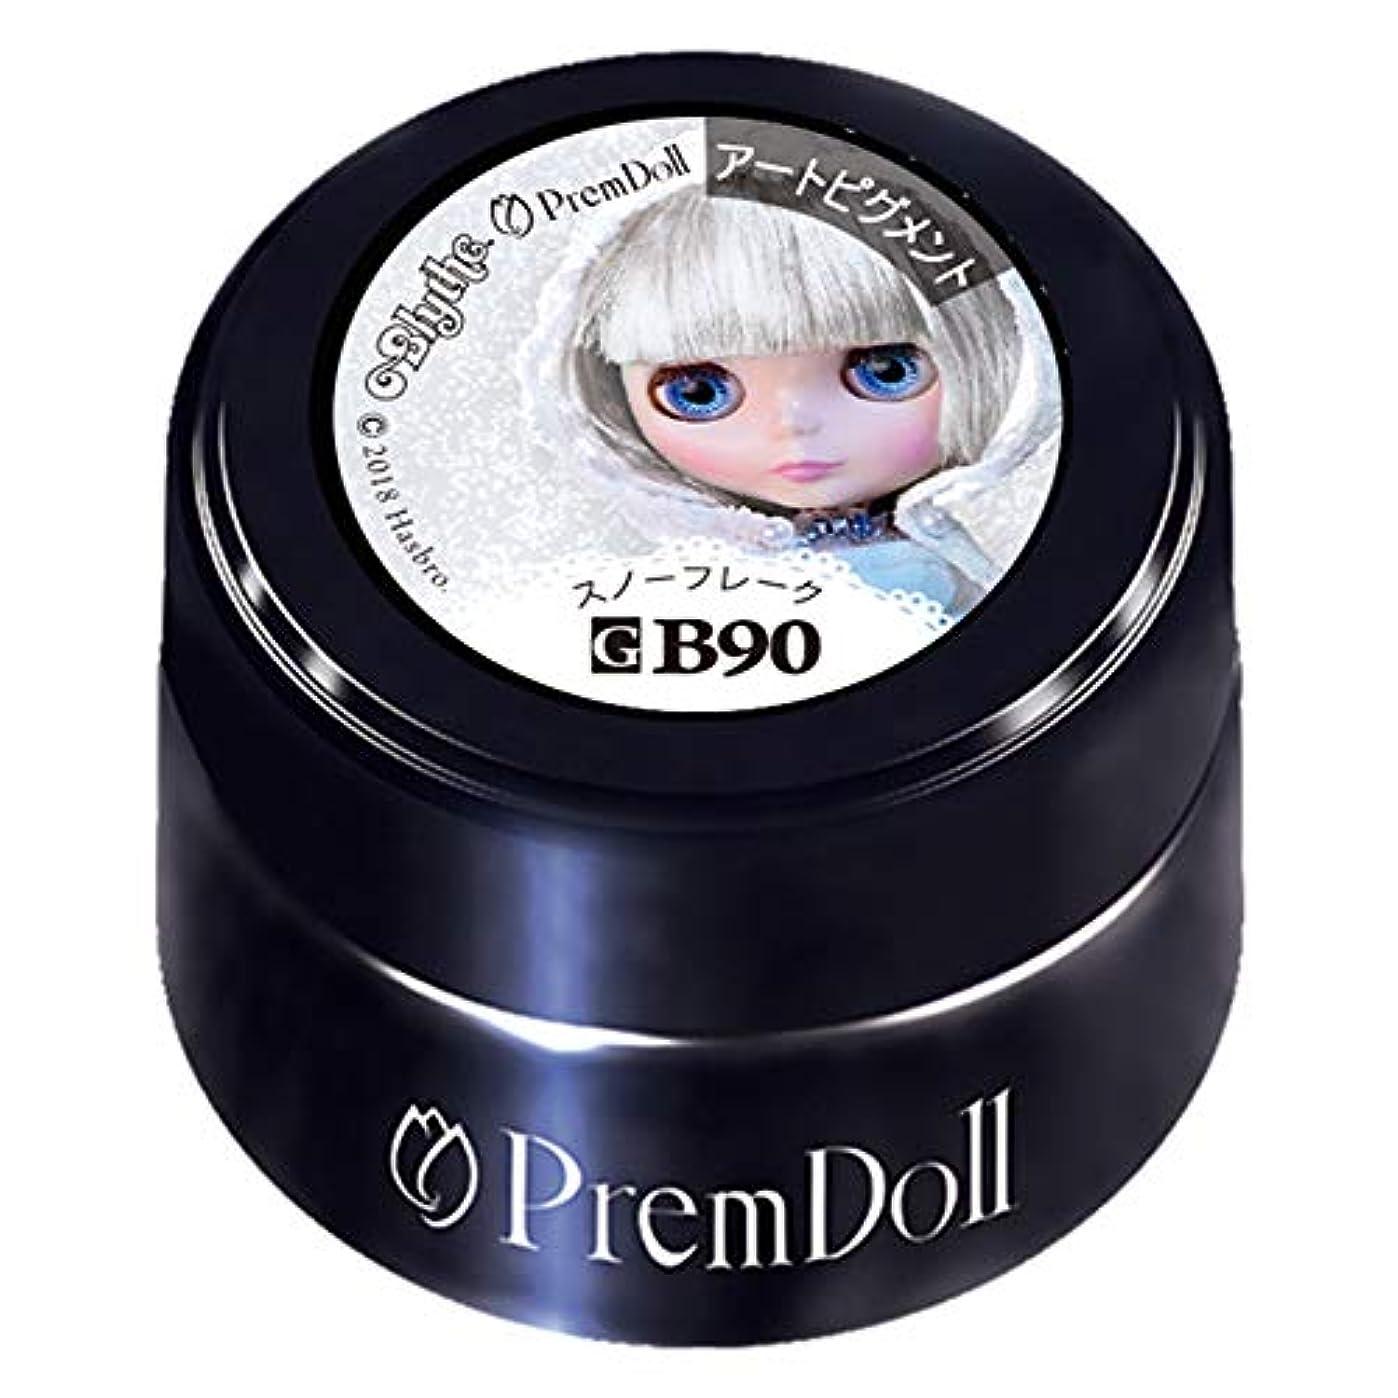 ぬいぐるみ文献開発PRE GEL プリムドール スノーフレーク90 DOLL-B90 3g カラージェル UV/LED対応